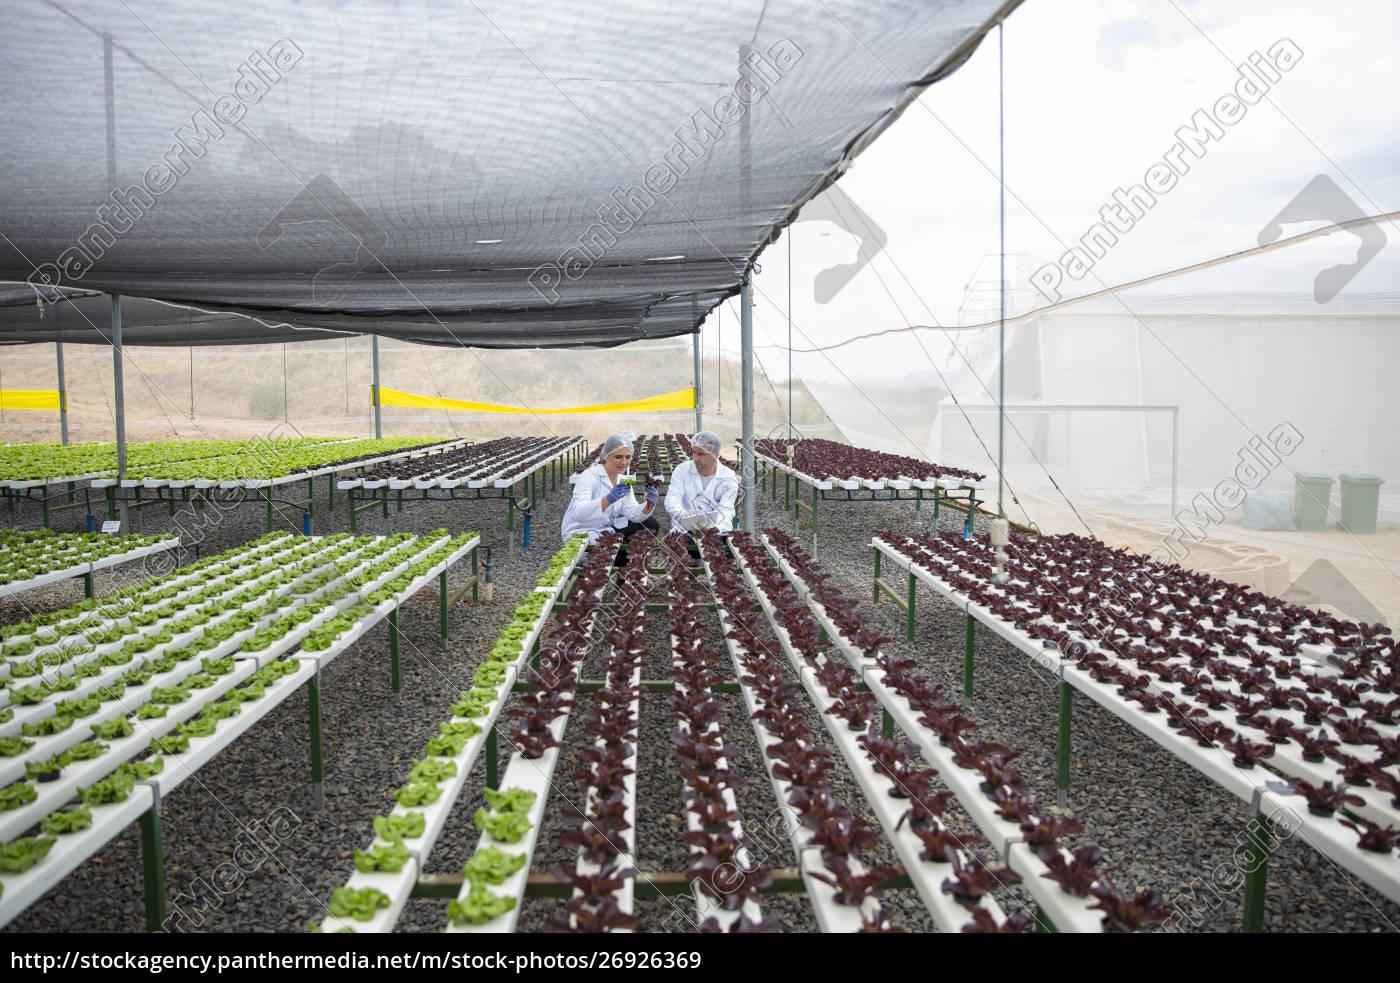 gewächshausarbeiter, inspizieren, pflanzen - 26926369